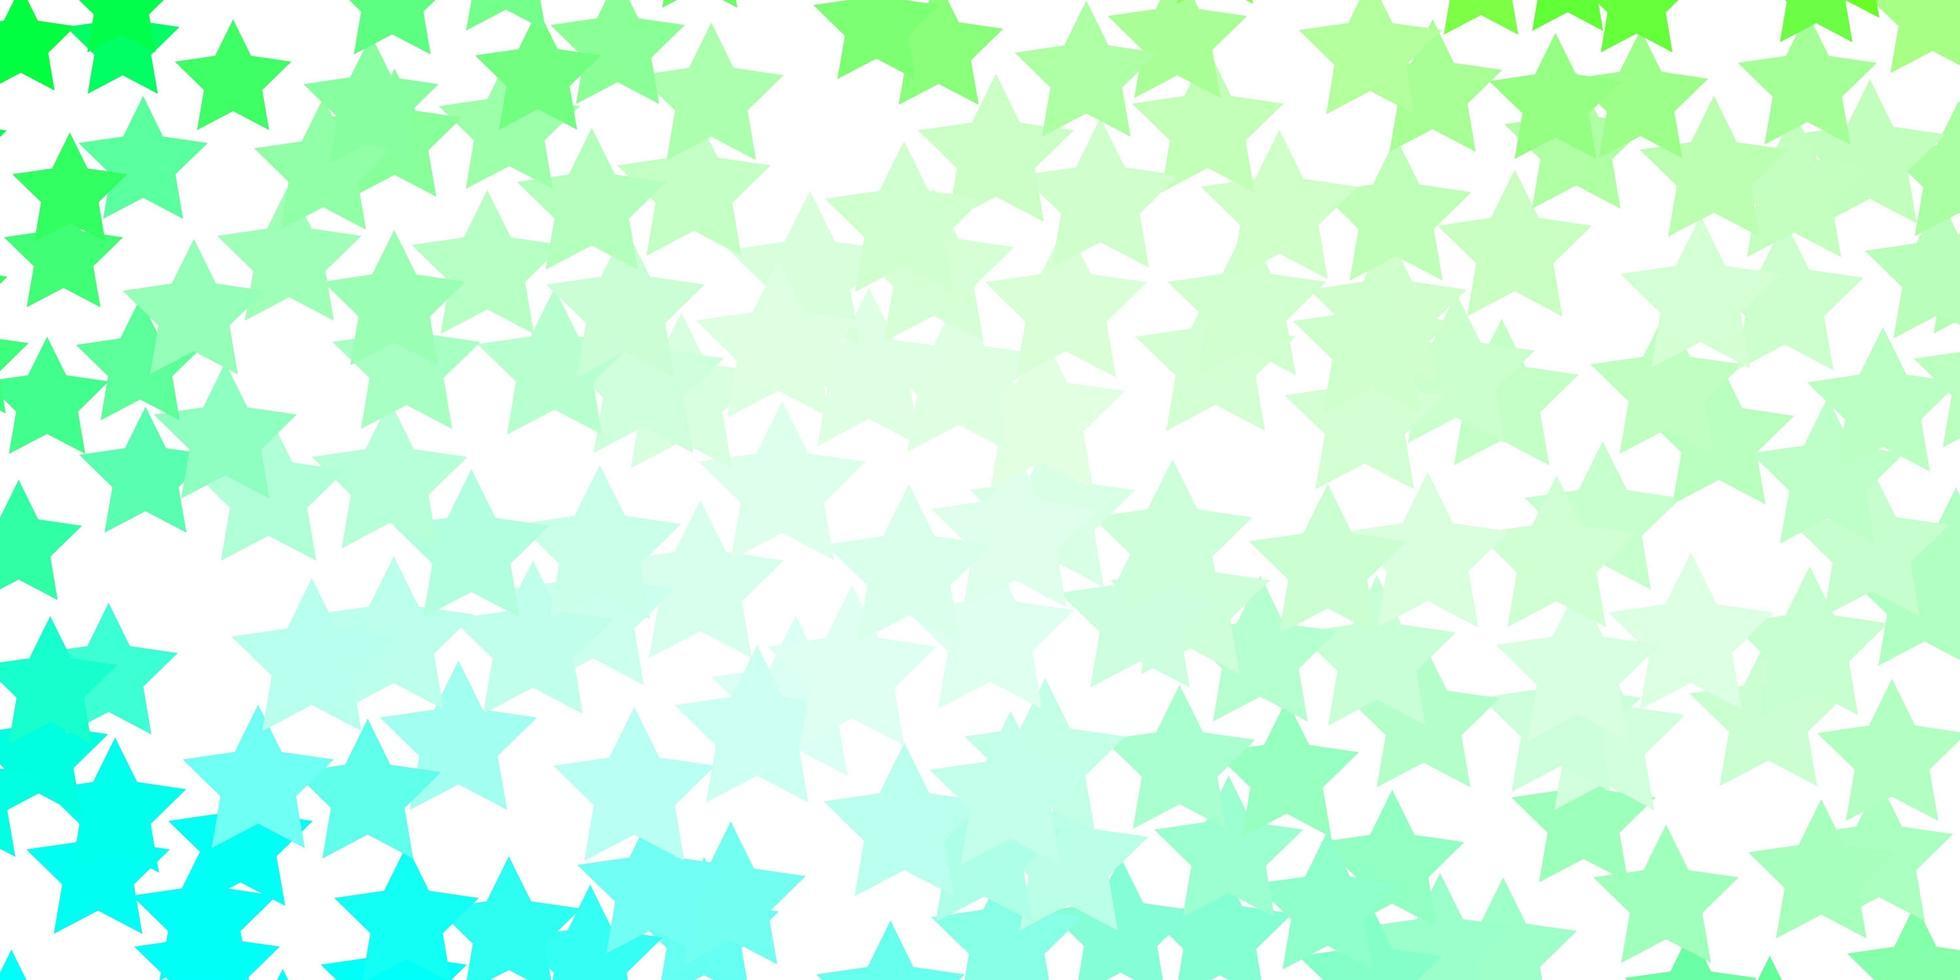 ljusgrön mall med neonstjärnor. vektor